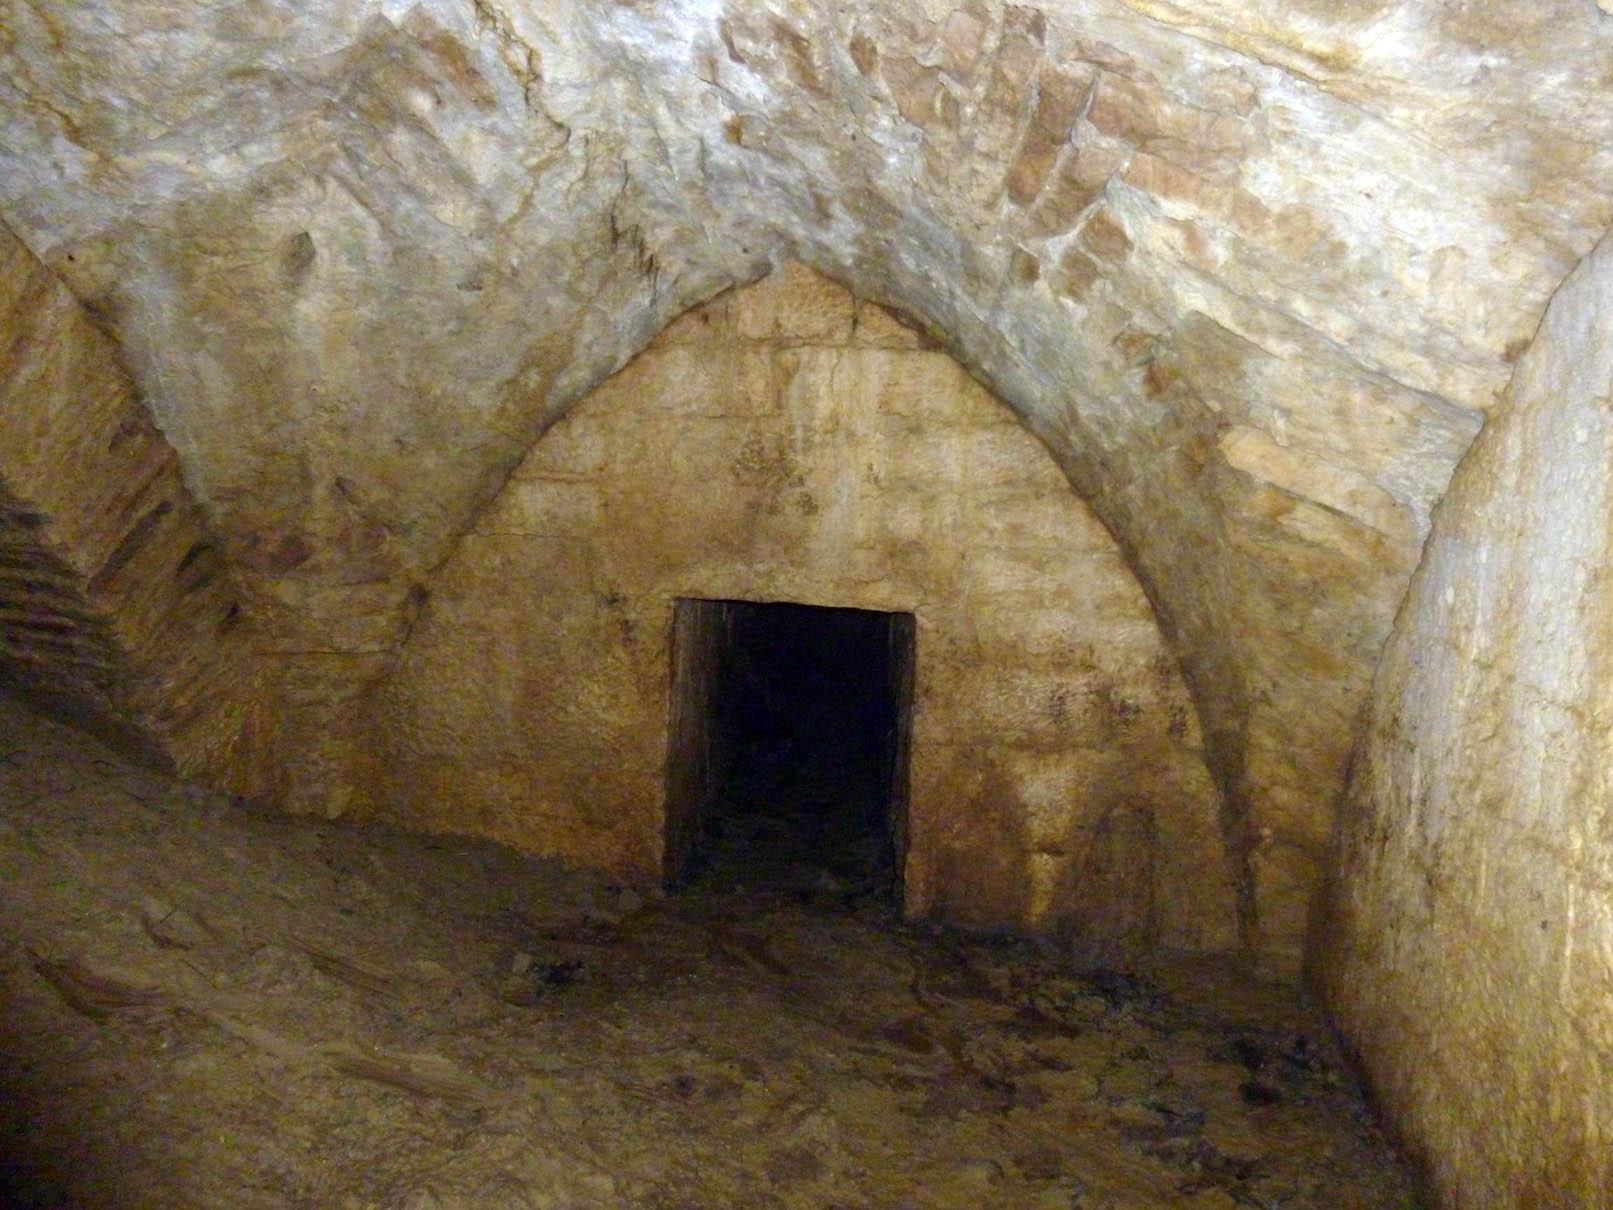 fonte delle logge - todi sotterranea